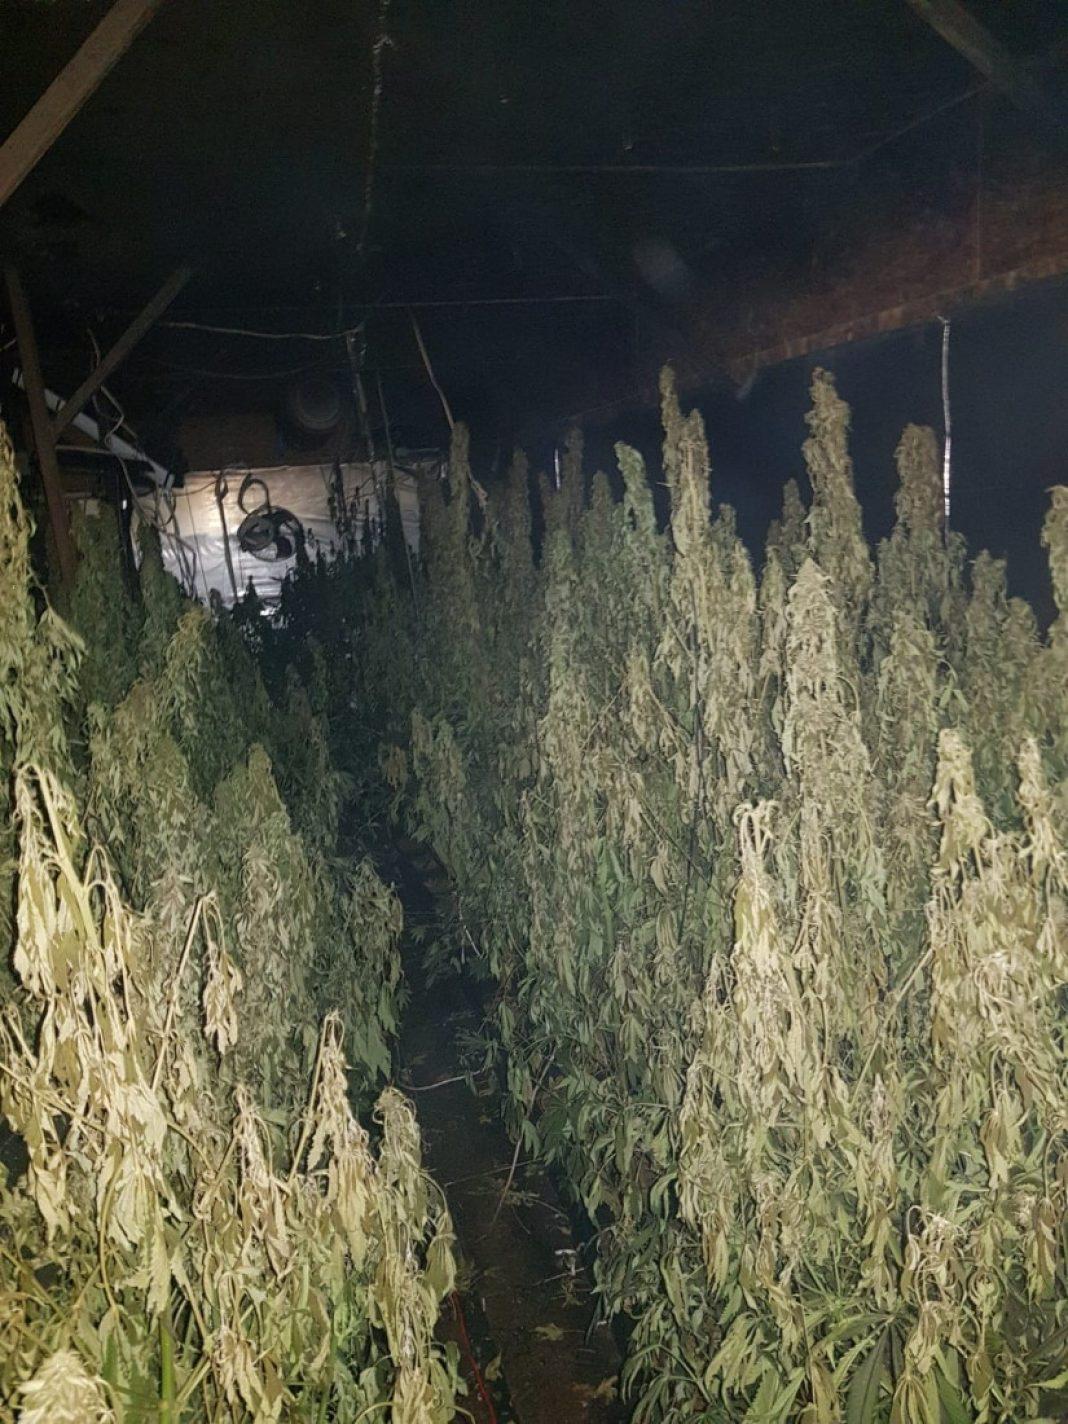 503 krzewy konopi indyjskich oraz 126 gramów zioła odkryli w jednym z domów letniskowych policjanci z Gdańska i Pucka. Mundurowi otrzymali informacje o profesjonalnej plantacji marihuany na terenie prywatnej posesji.